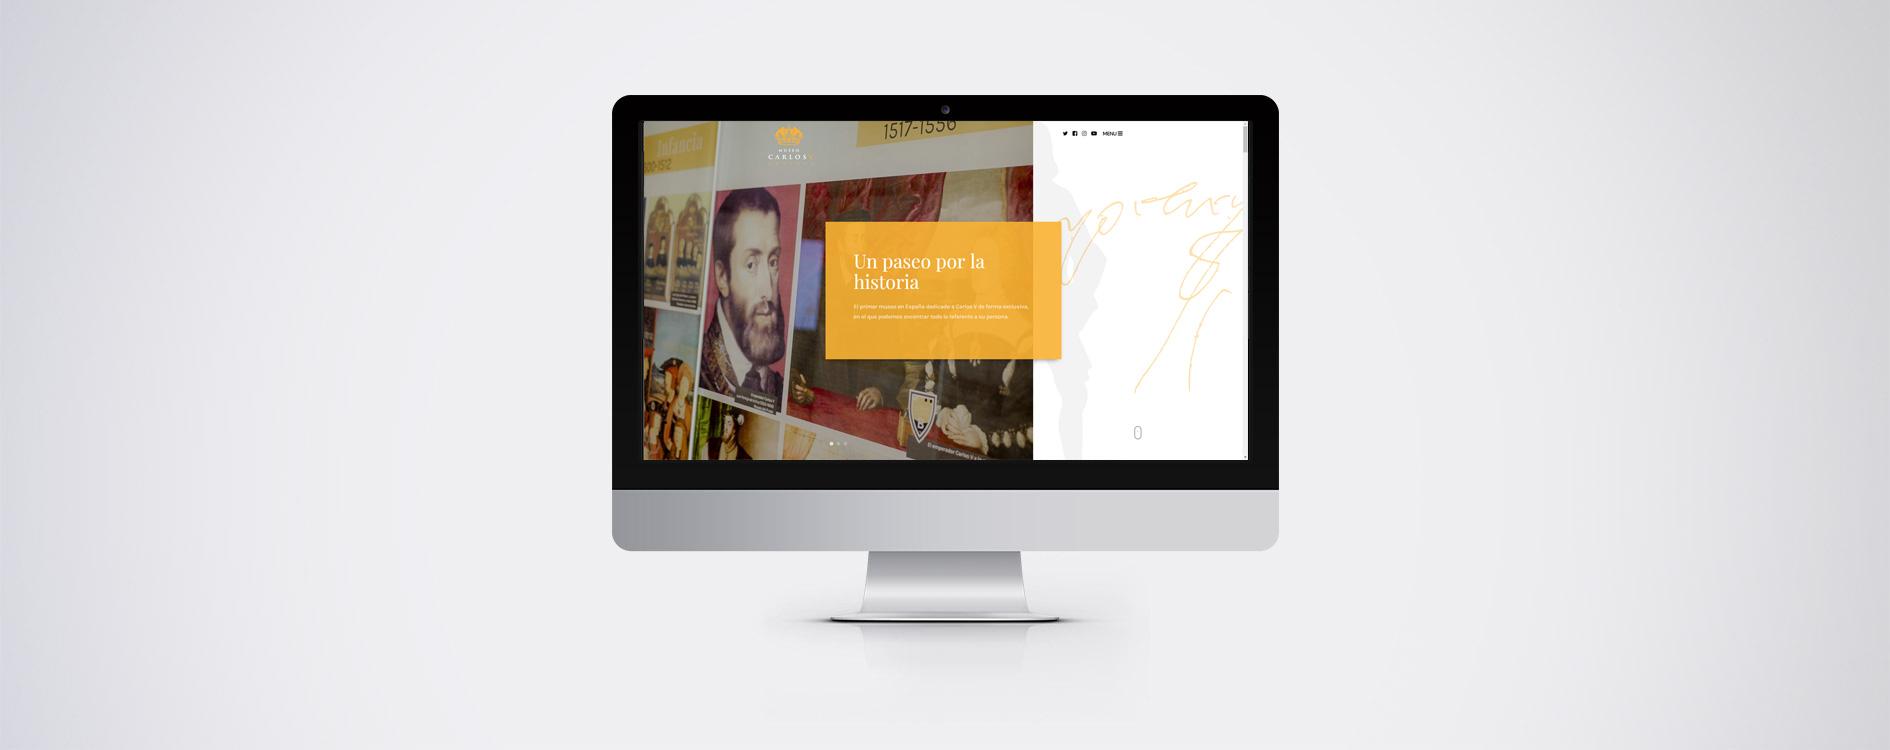 OHVisual - Digital & Online - Audiovisuales Museo Carlos V - Ayuntamiento de Mojados